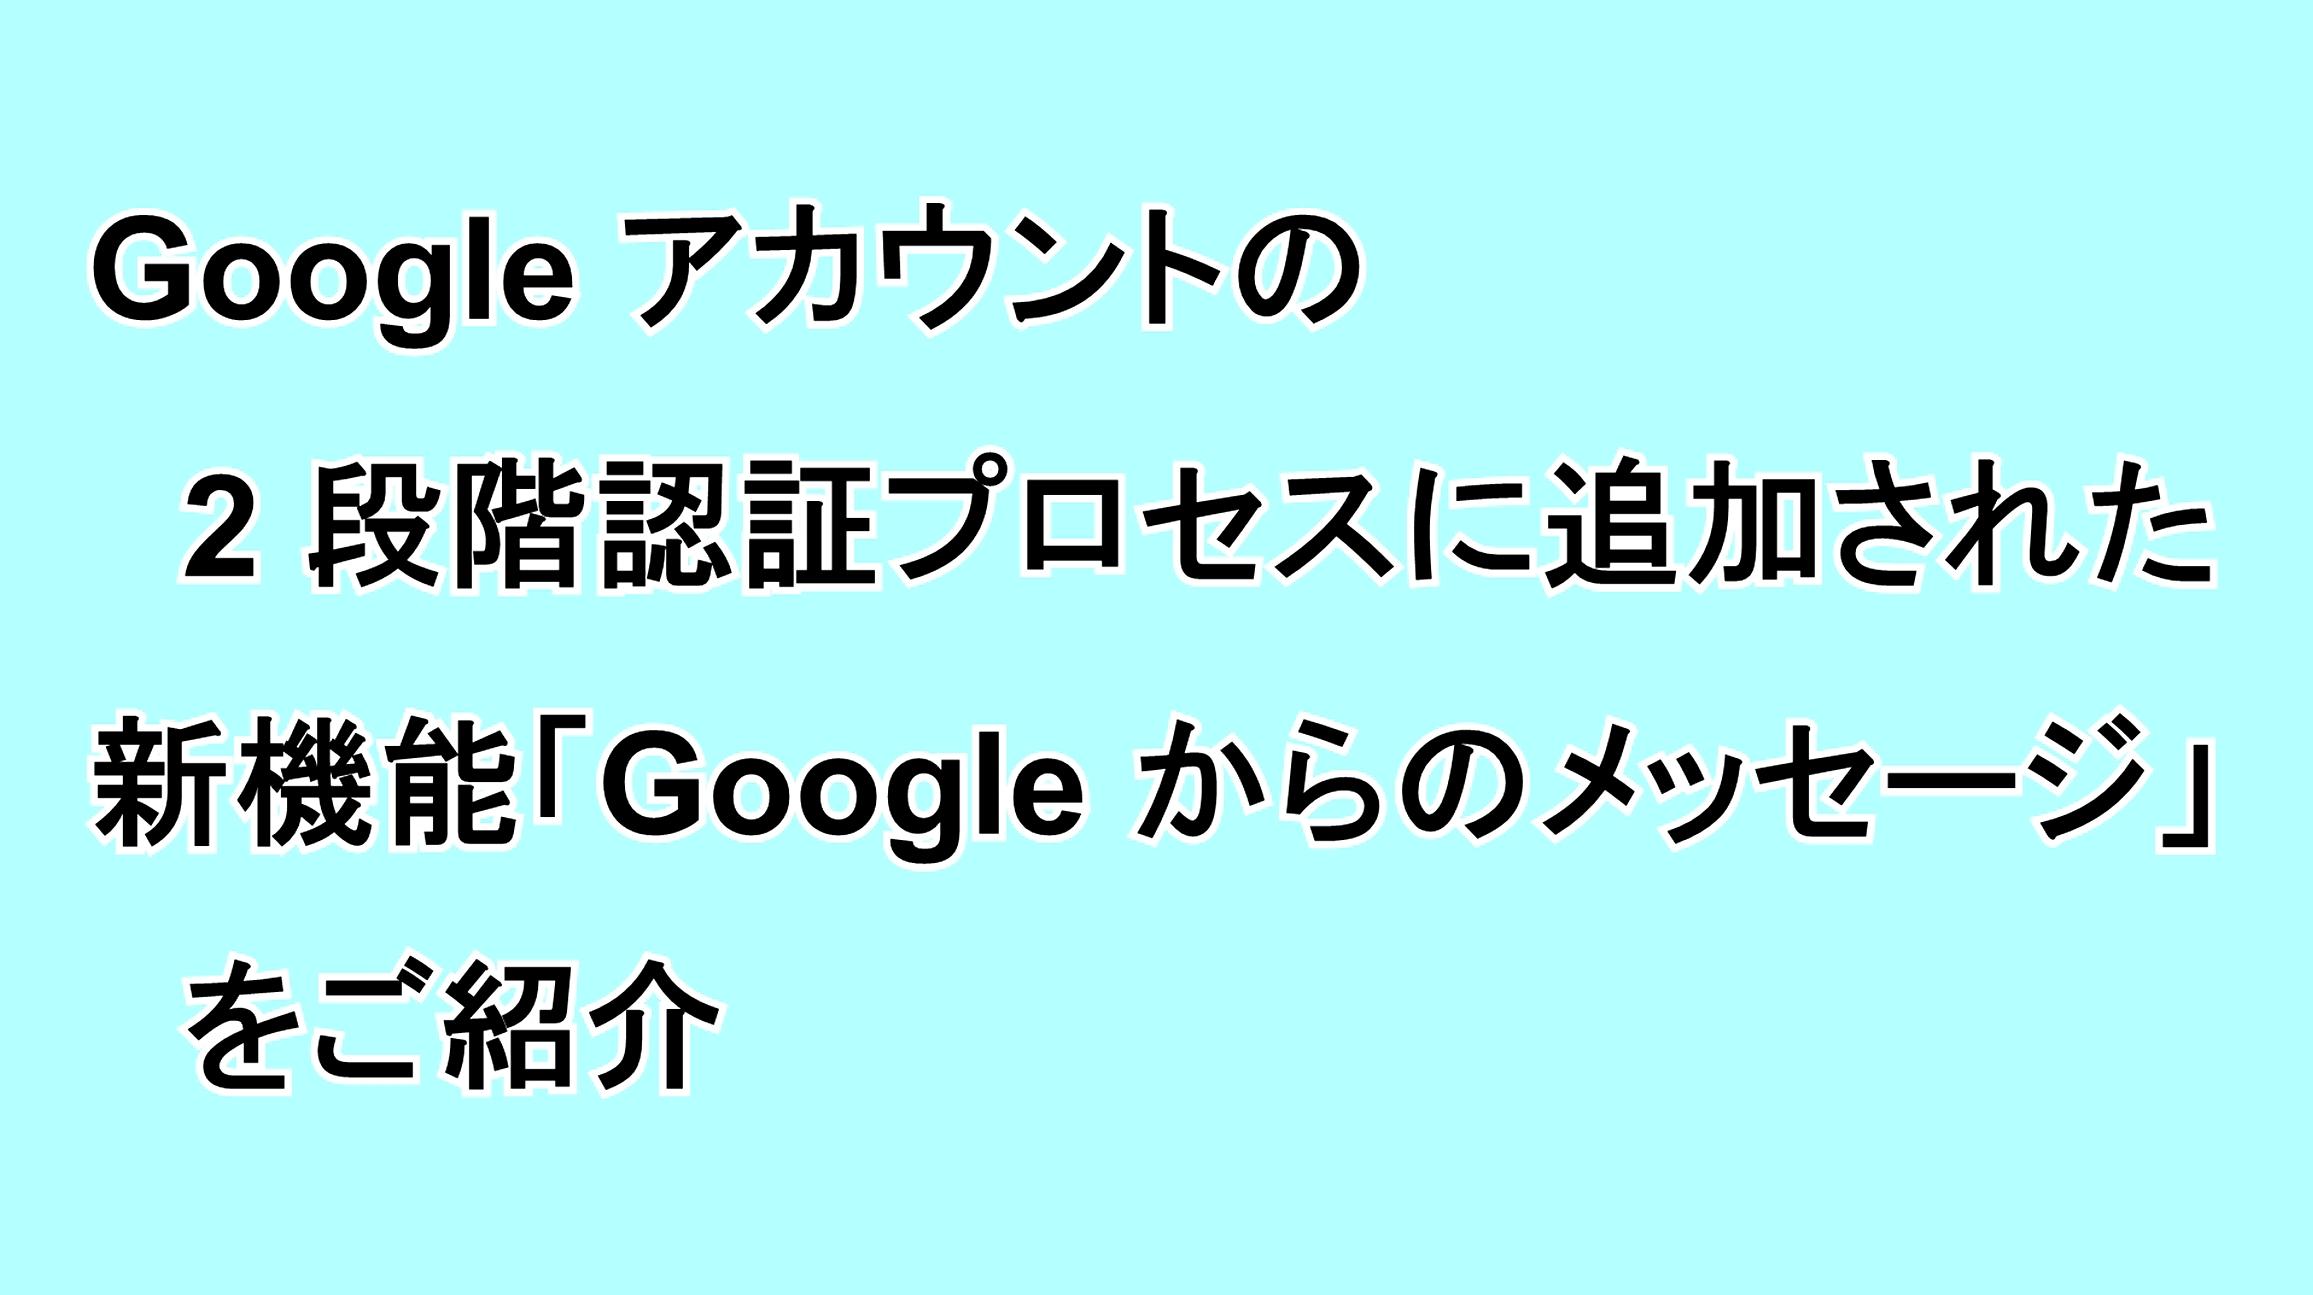 """Googleアカウントの2段階認証プロセスに追加された新機能""""Google からのメッセージ""""をご紹介"""